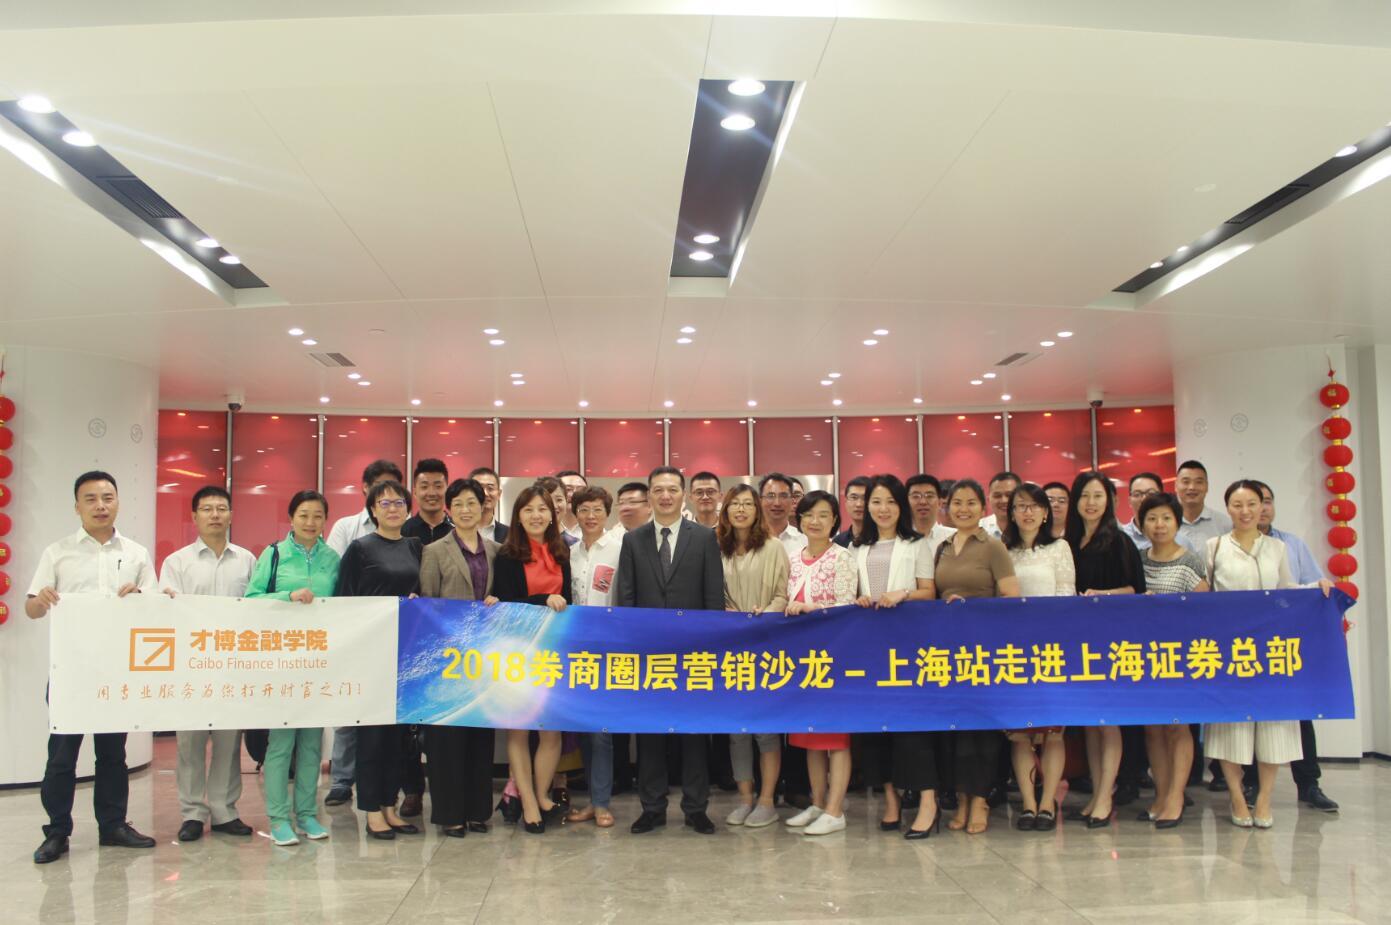 券商圈层营销全国巡回沙龙——上海站